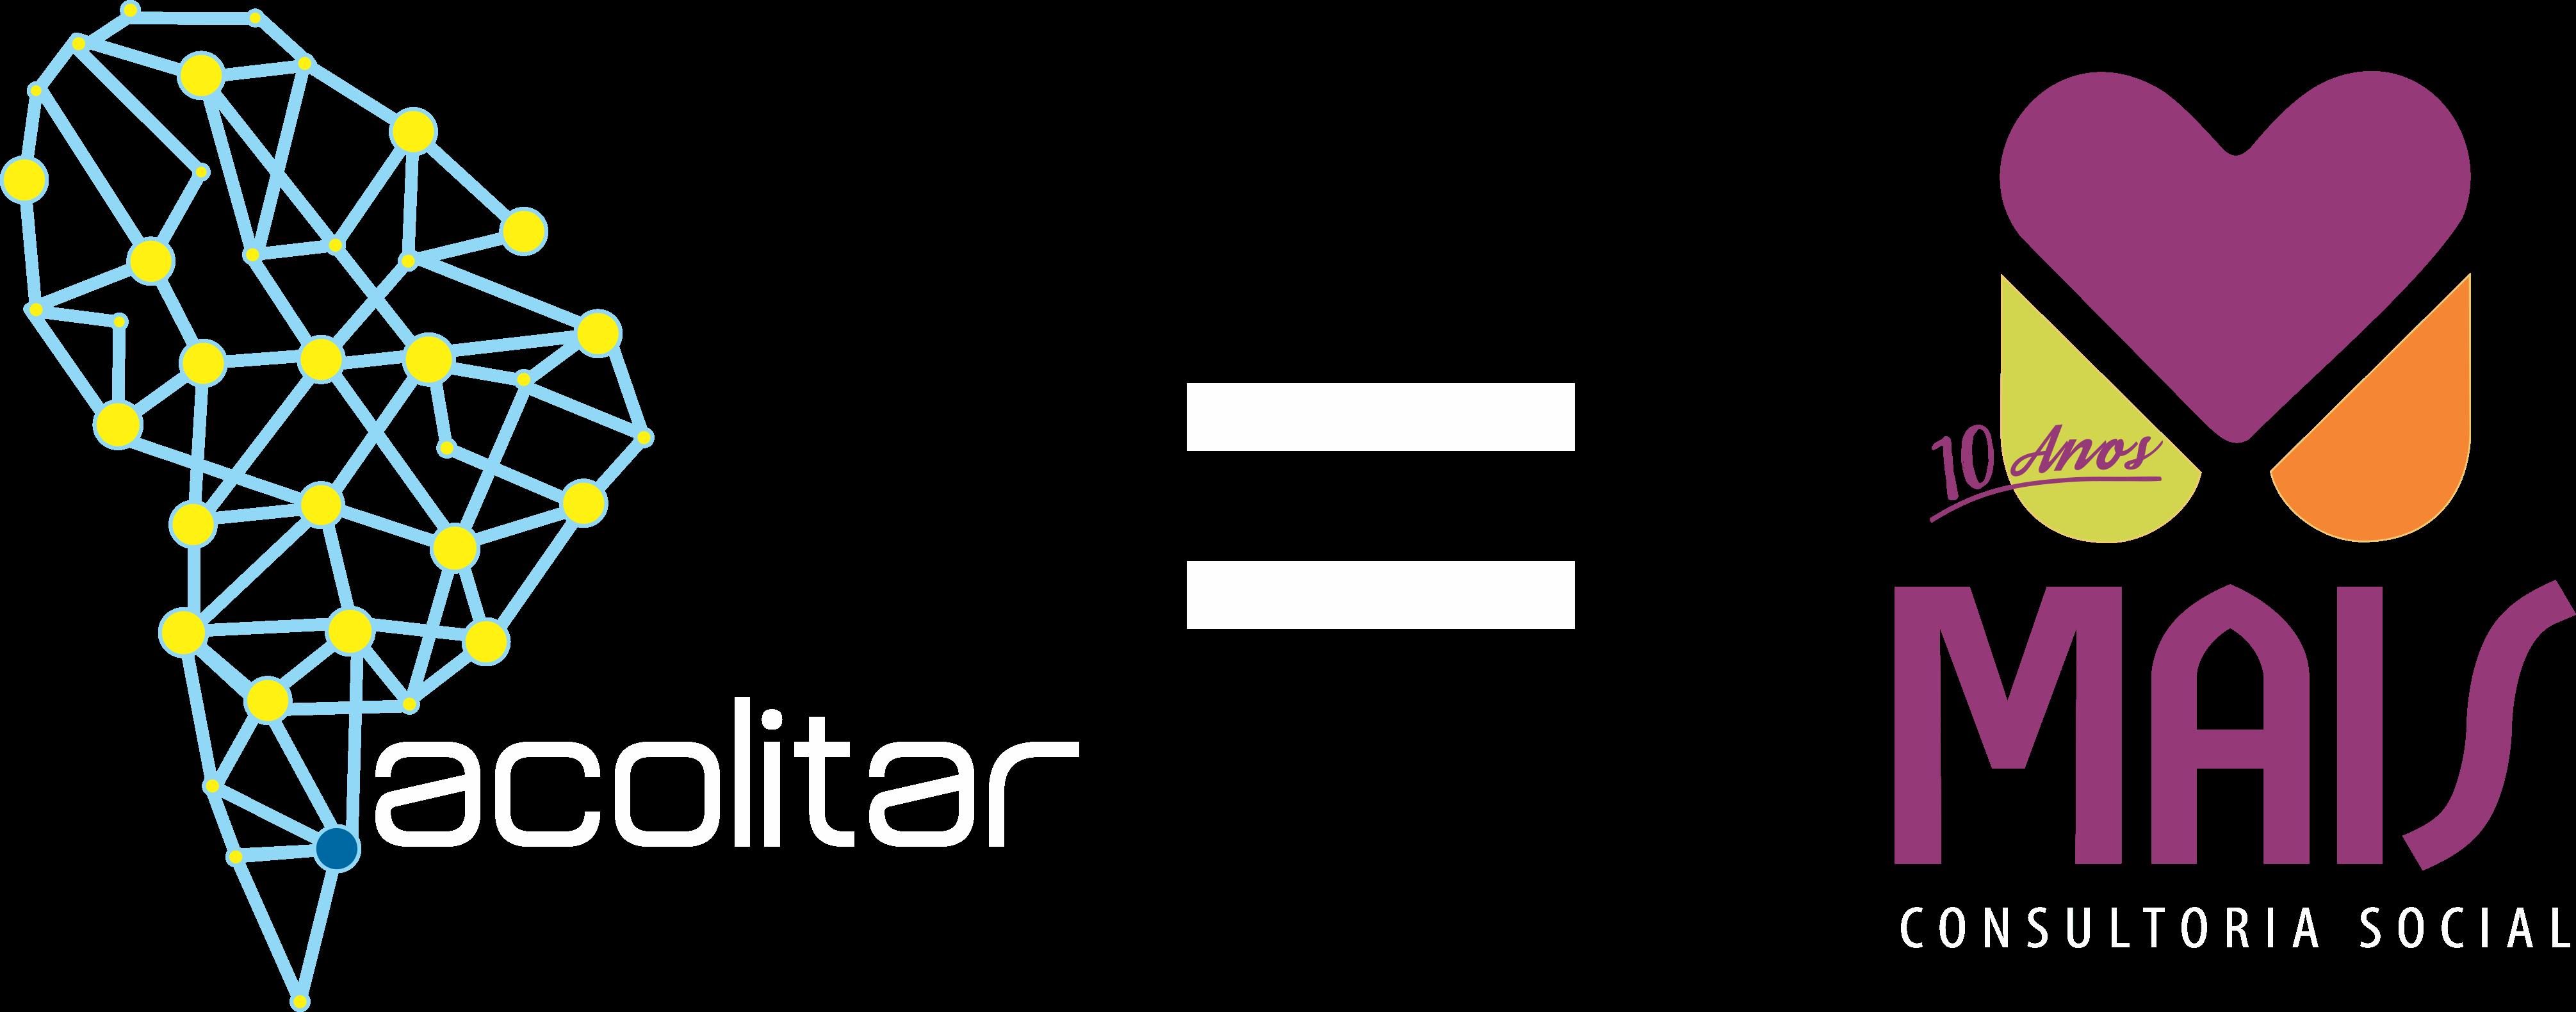 acolitar_e_mais